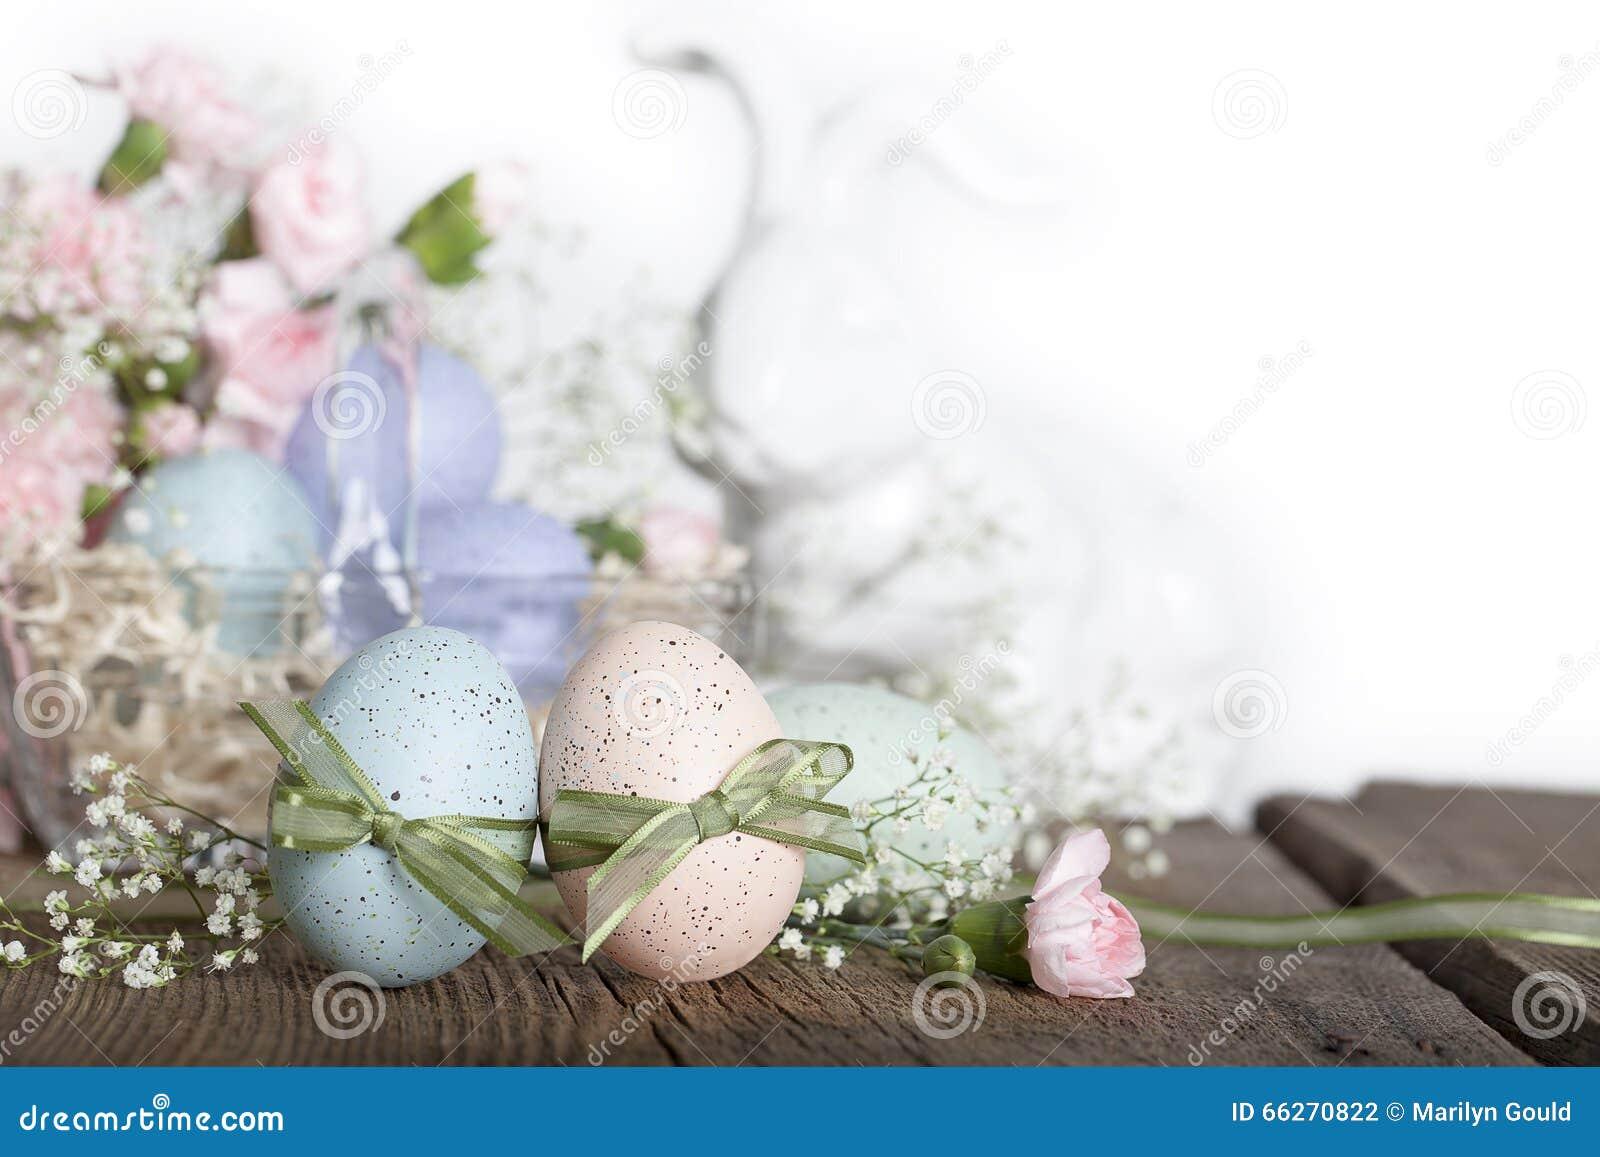 Uova di Pasqua Con coniglio